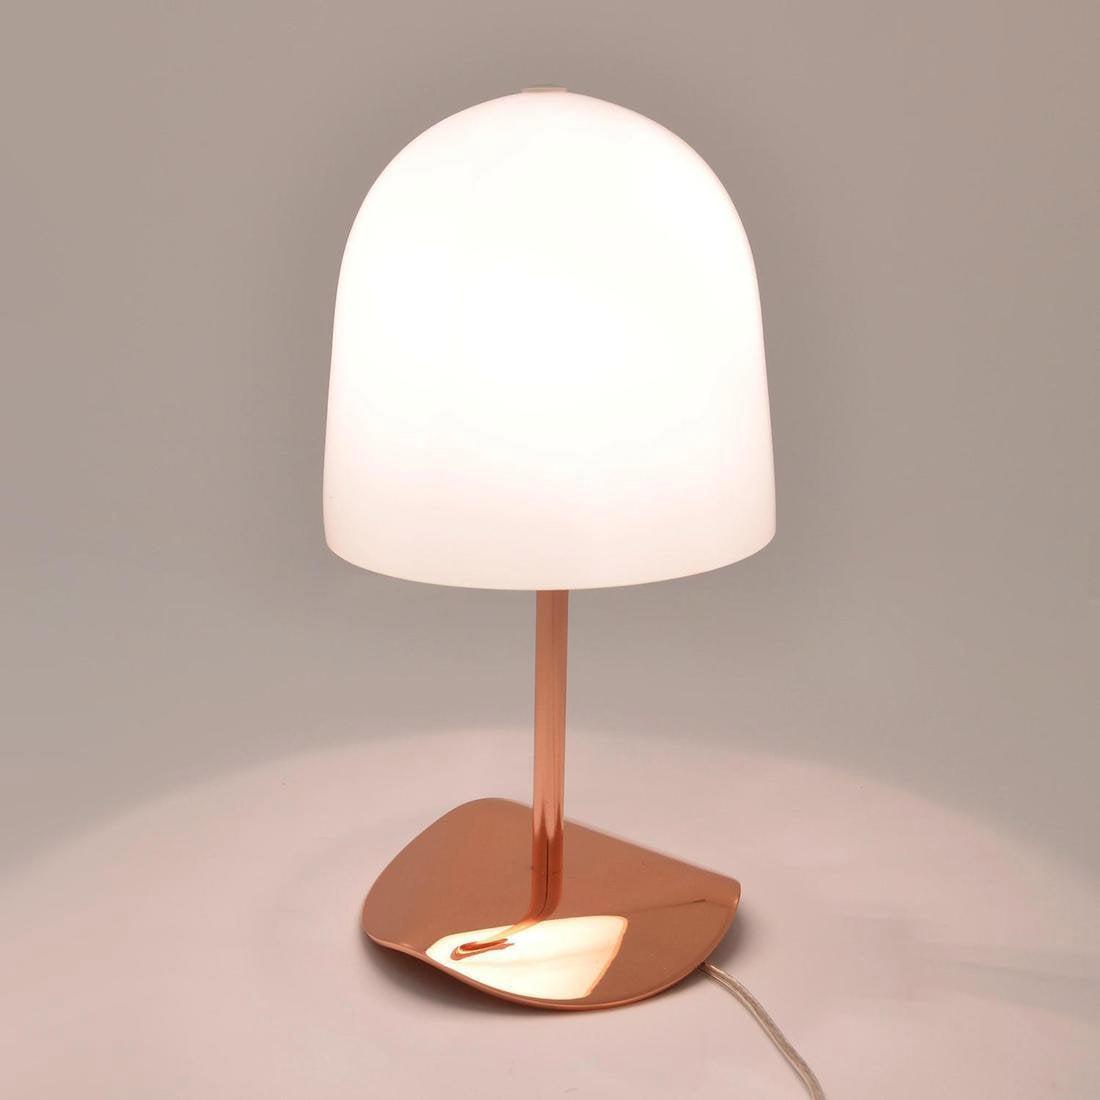 Lampe, design, verre blanc et cuivré Shiny